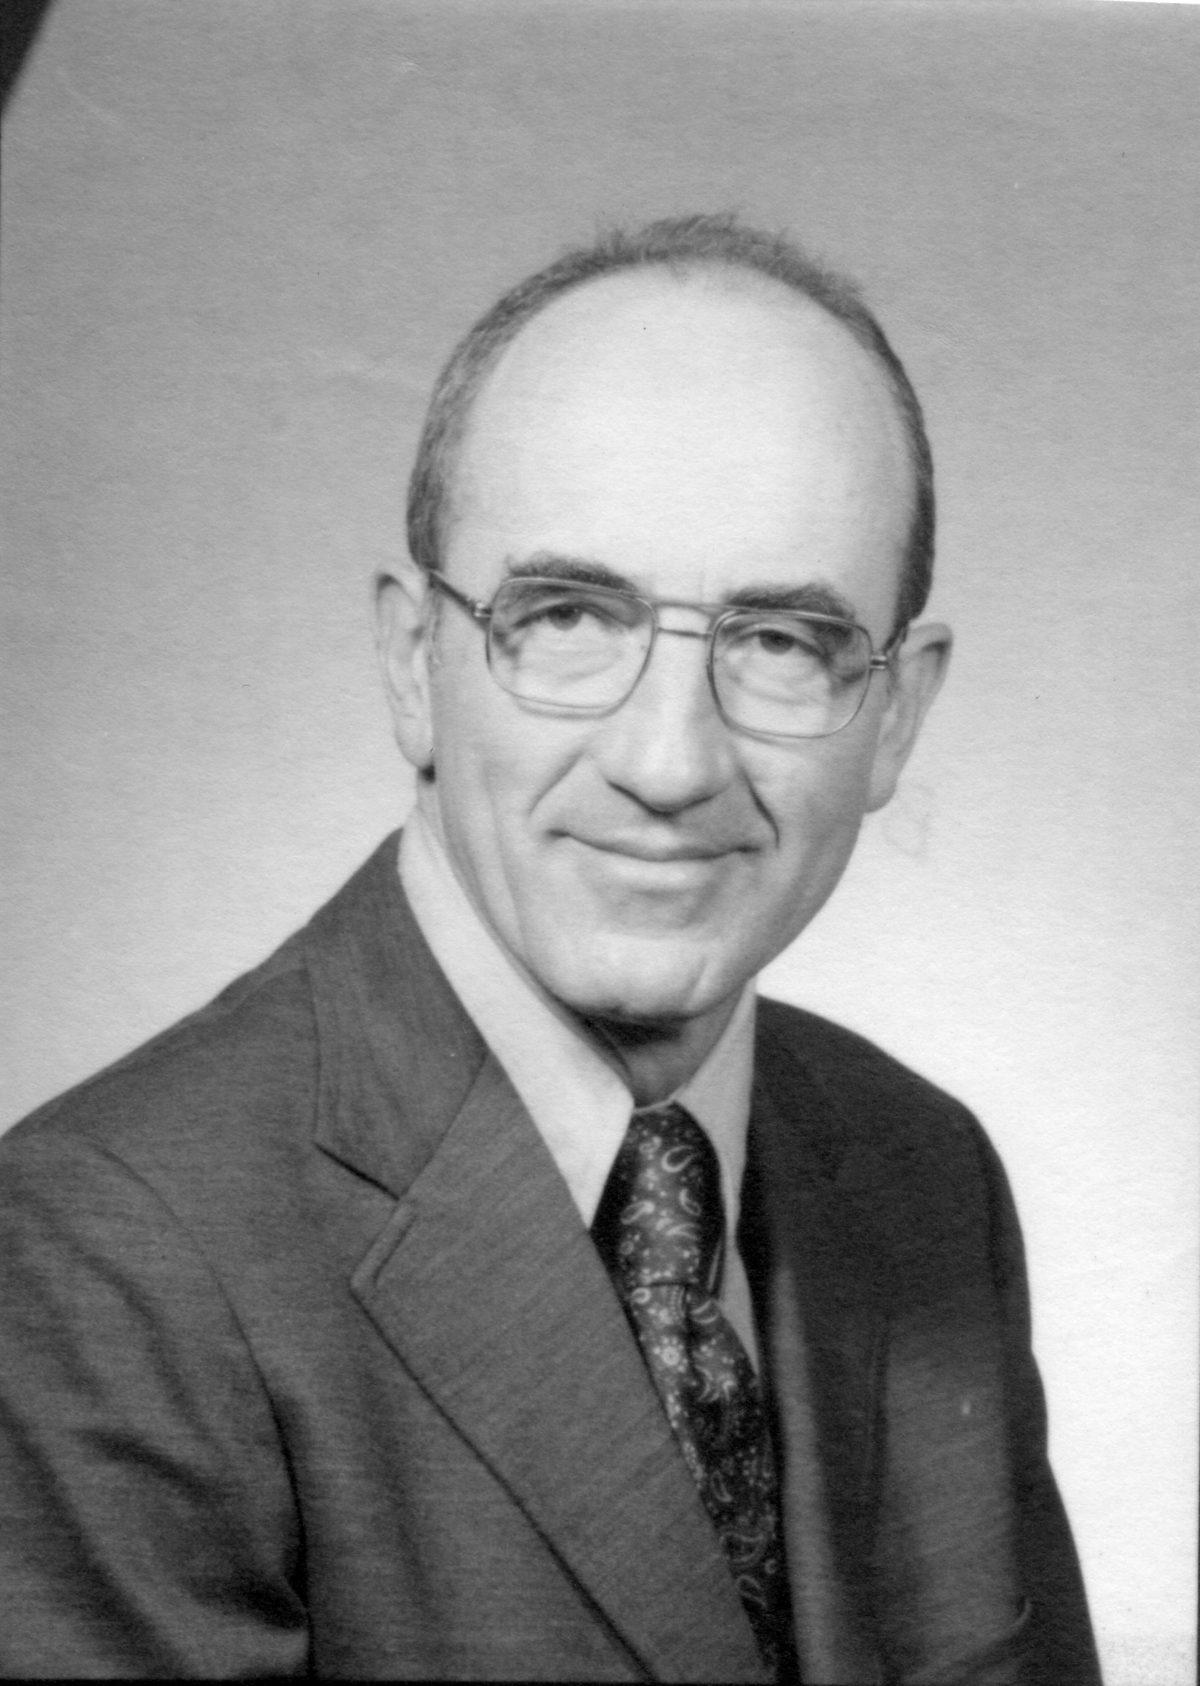 Dean George Bunn